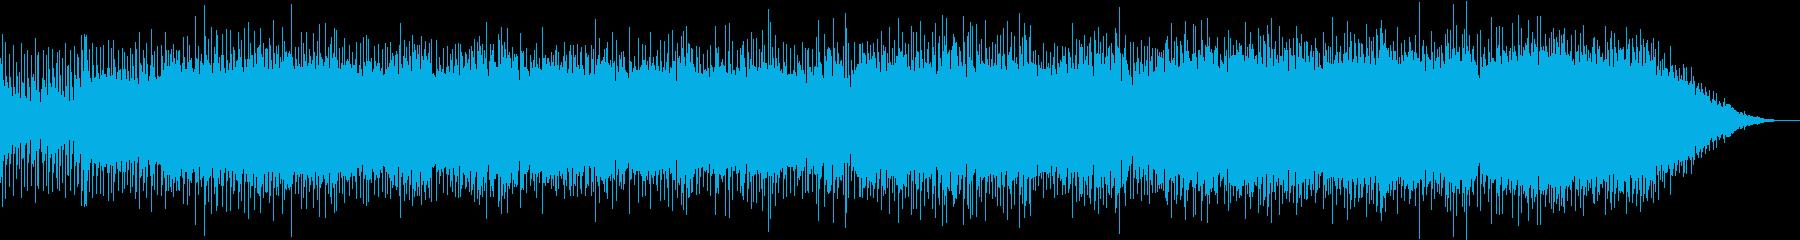 軽快でノリの良いブルース調ハードロックの再生済みの波形